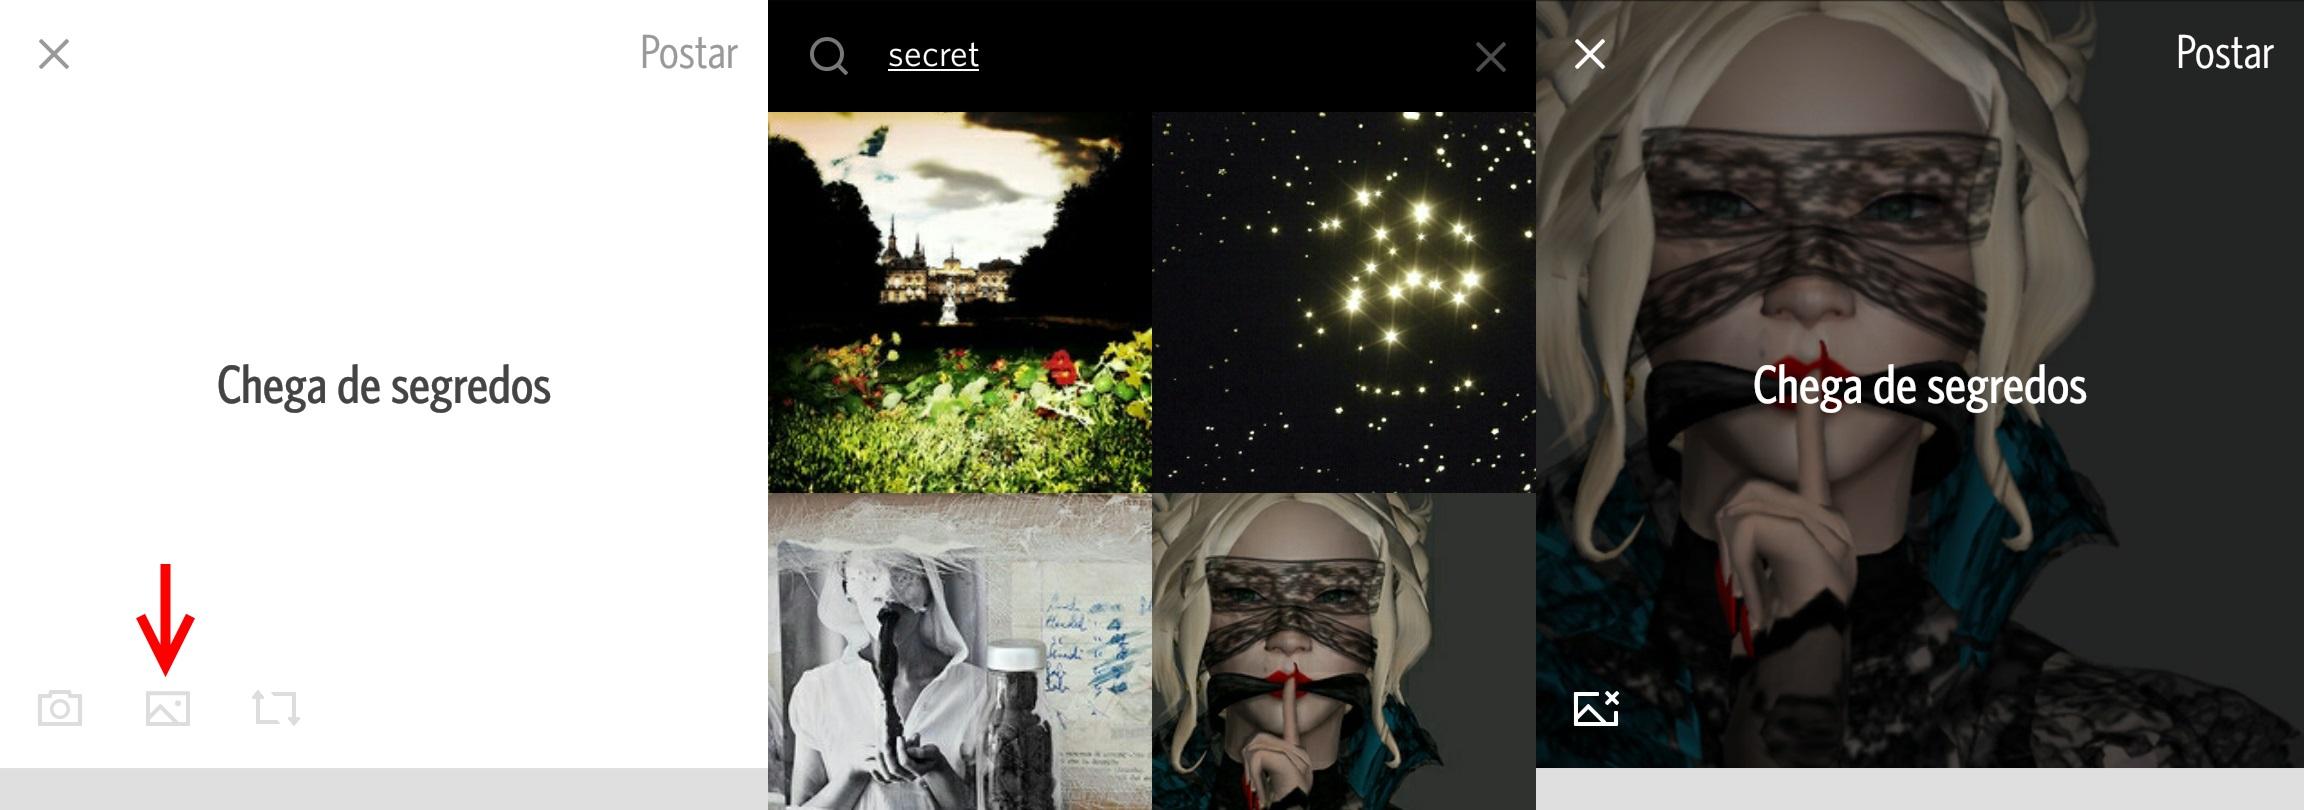 secret imagem flickr